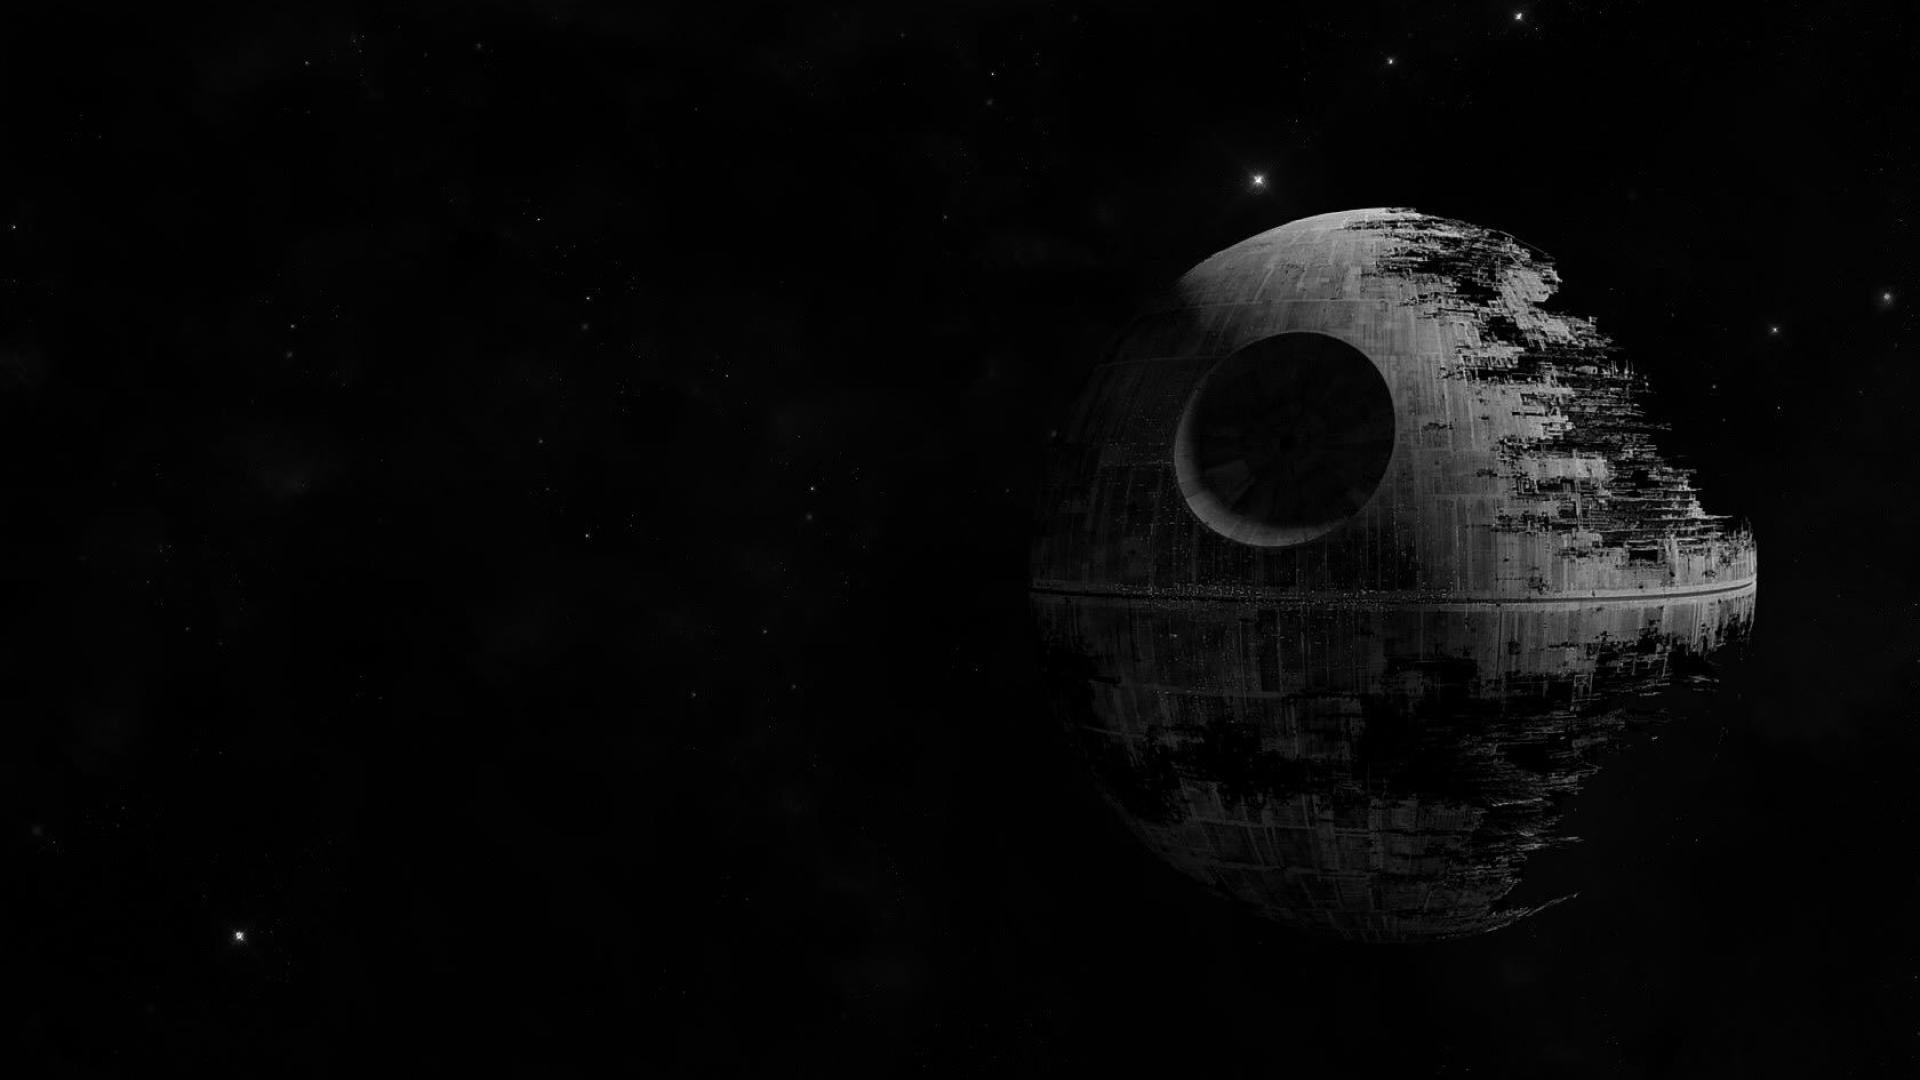 Best 25+ Star wars wallpaper ideas on Pinterest   Star war  wallpaper, Fondos de star wars and Iphone 5s wallpaper hd